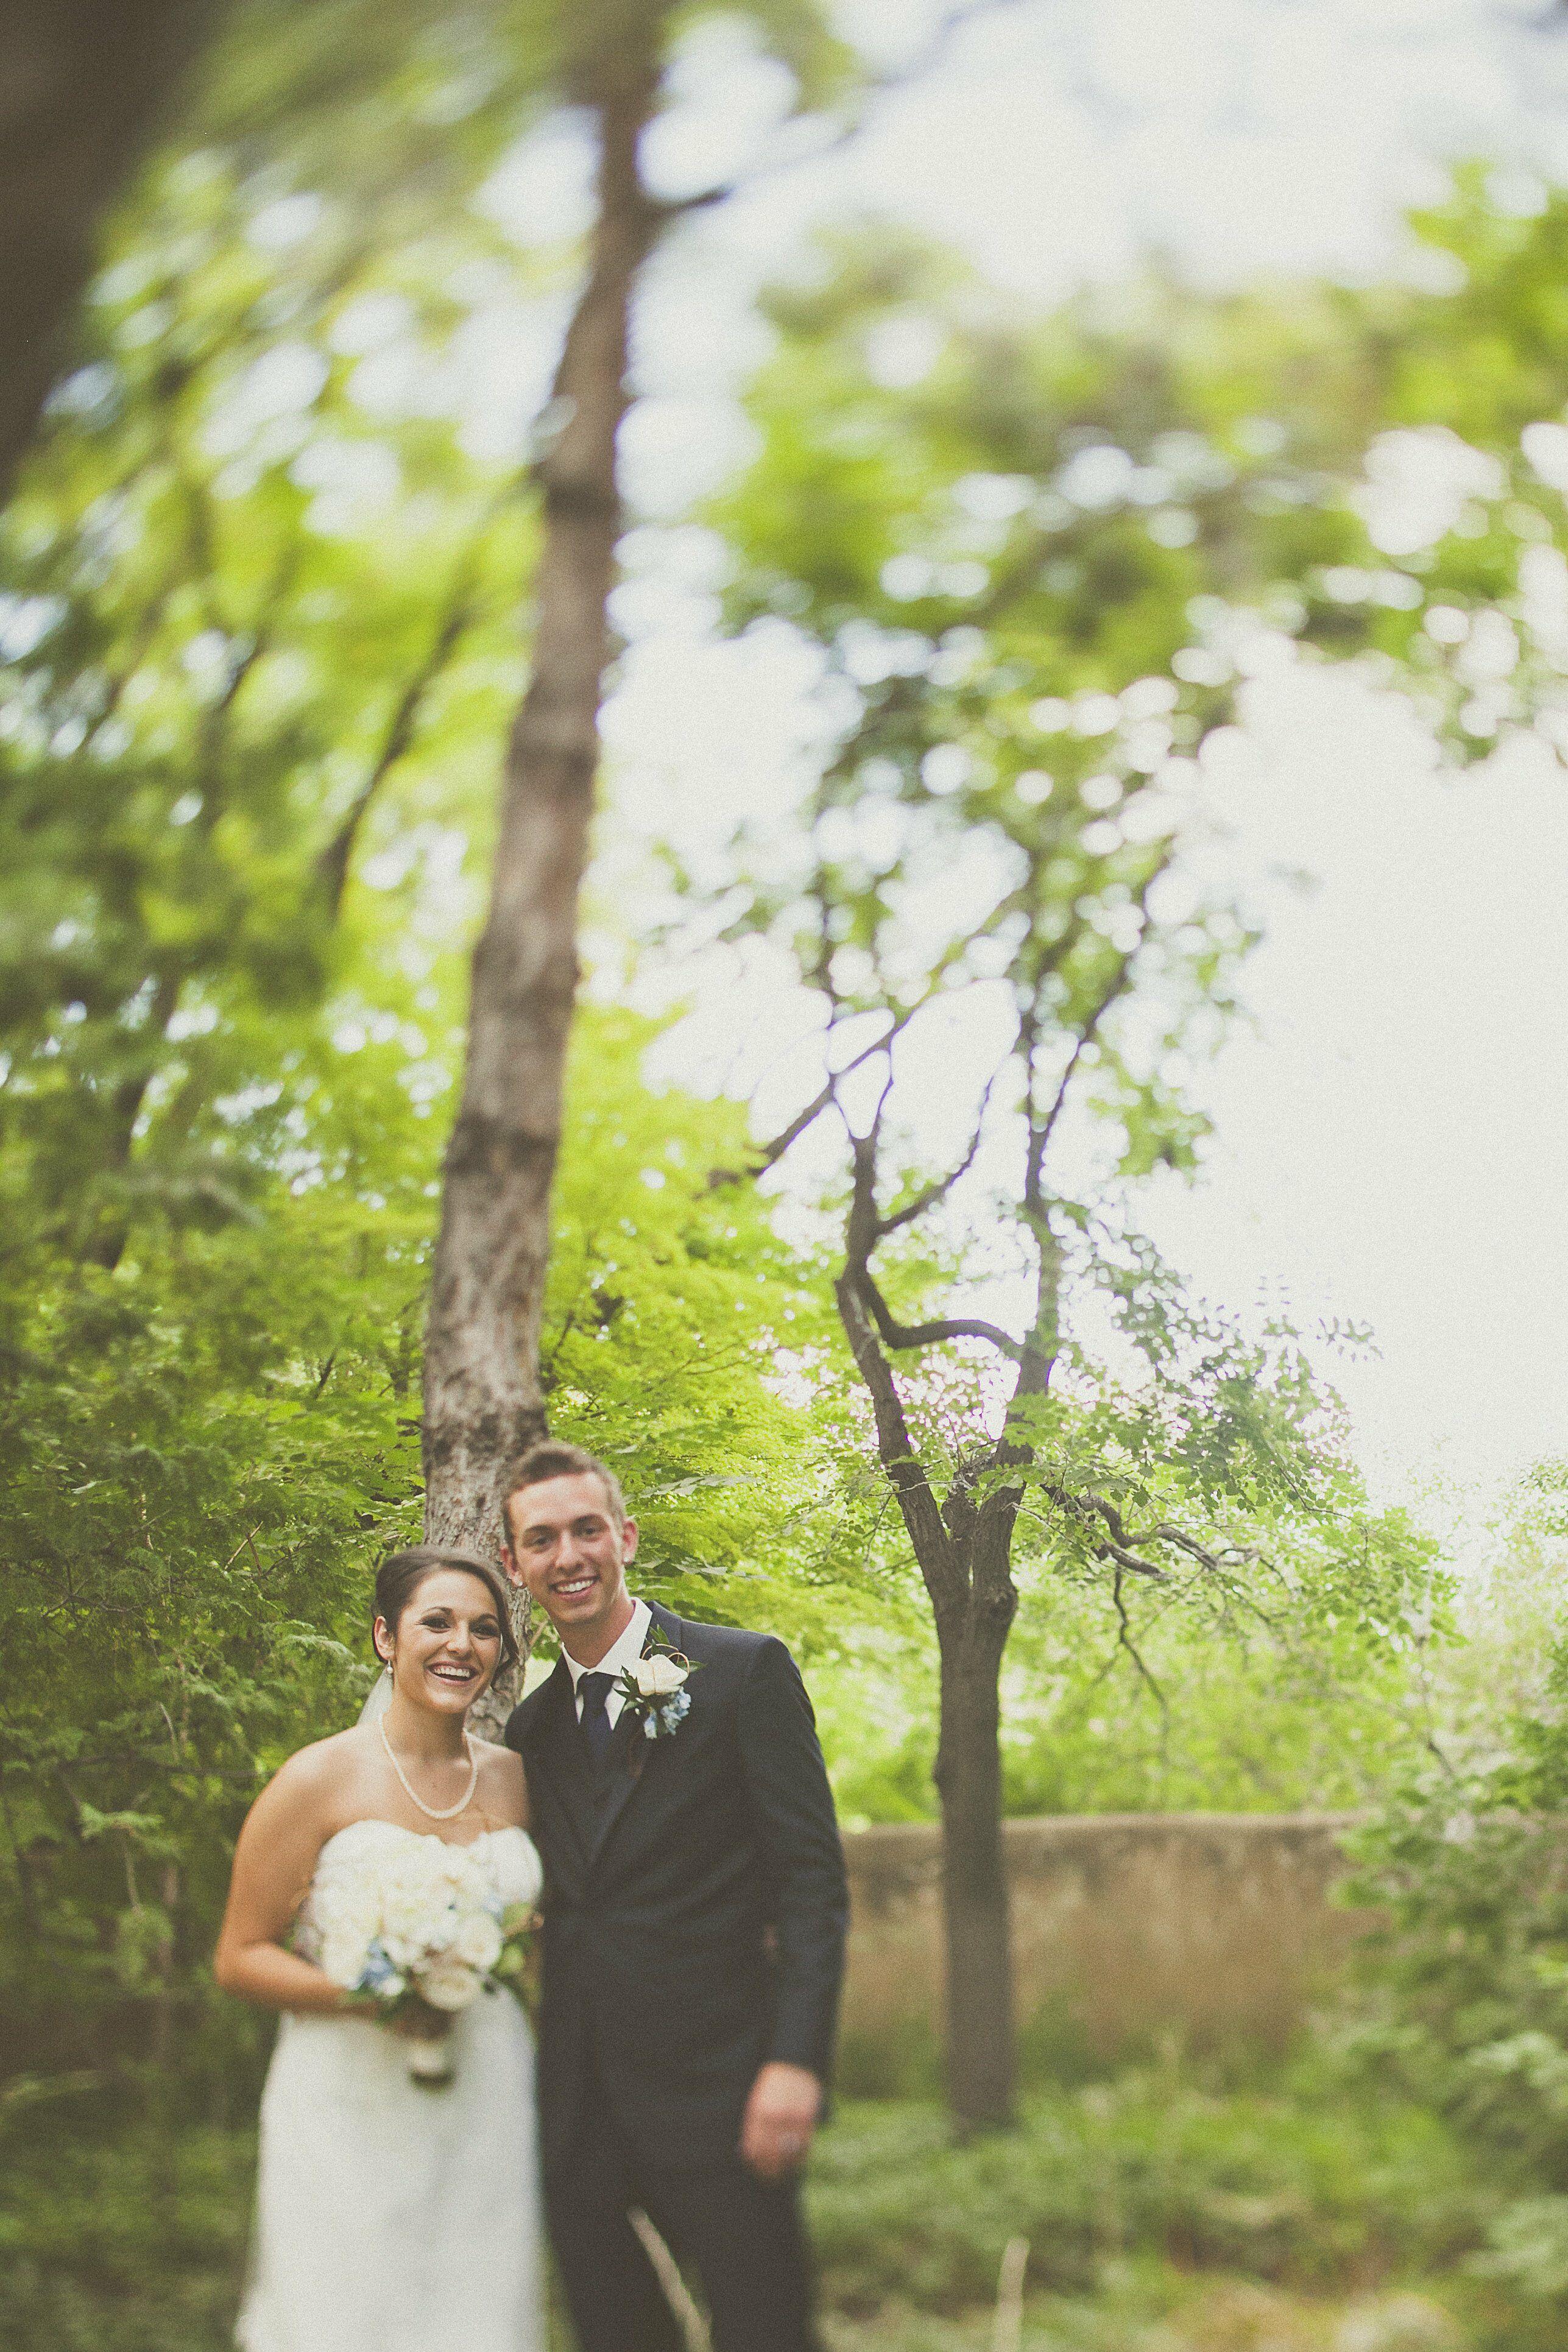 An Outdoor Wedding In Albuquerque NM